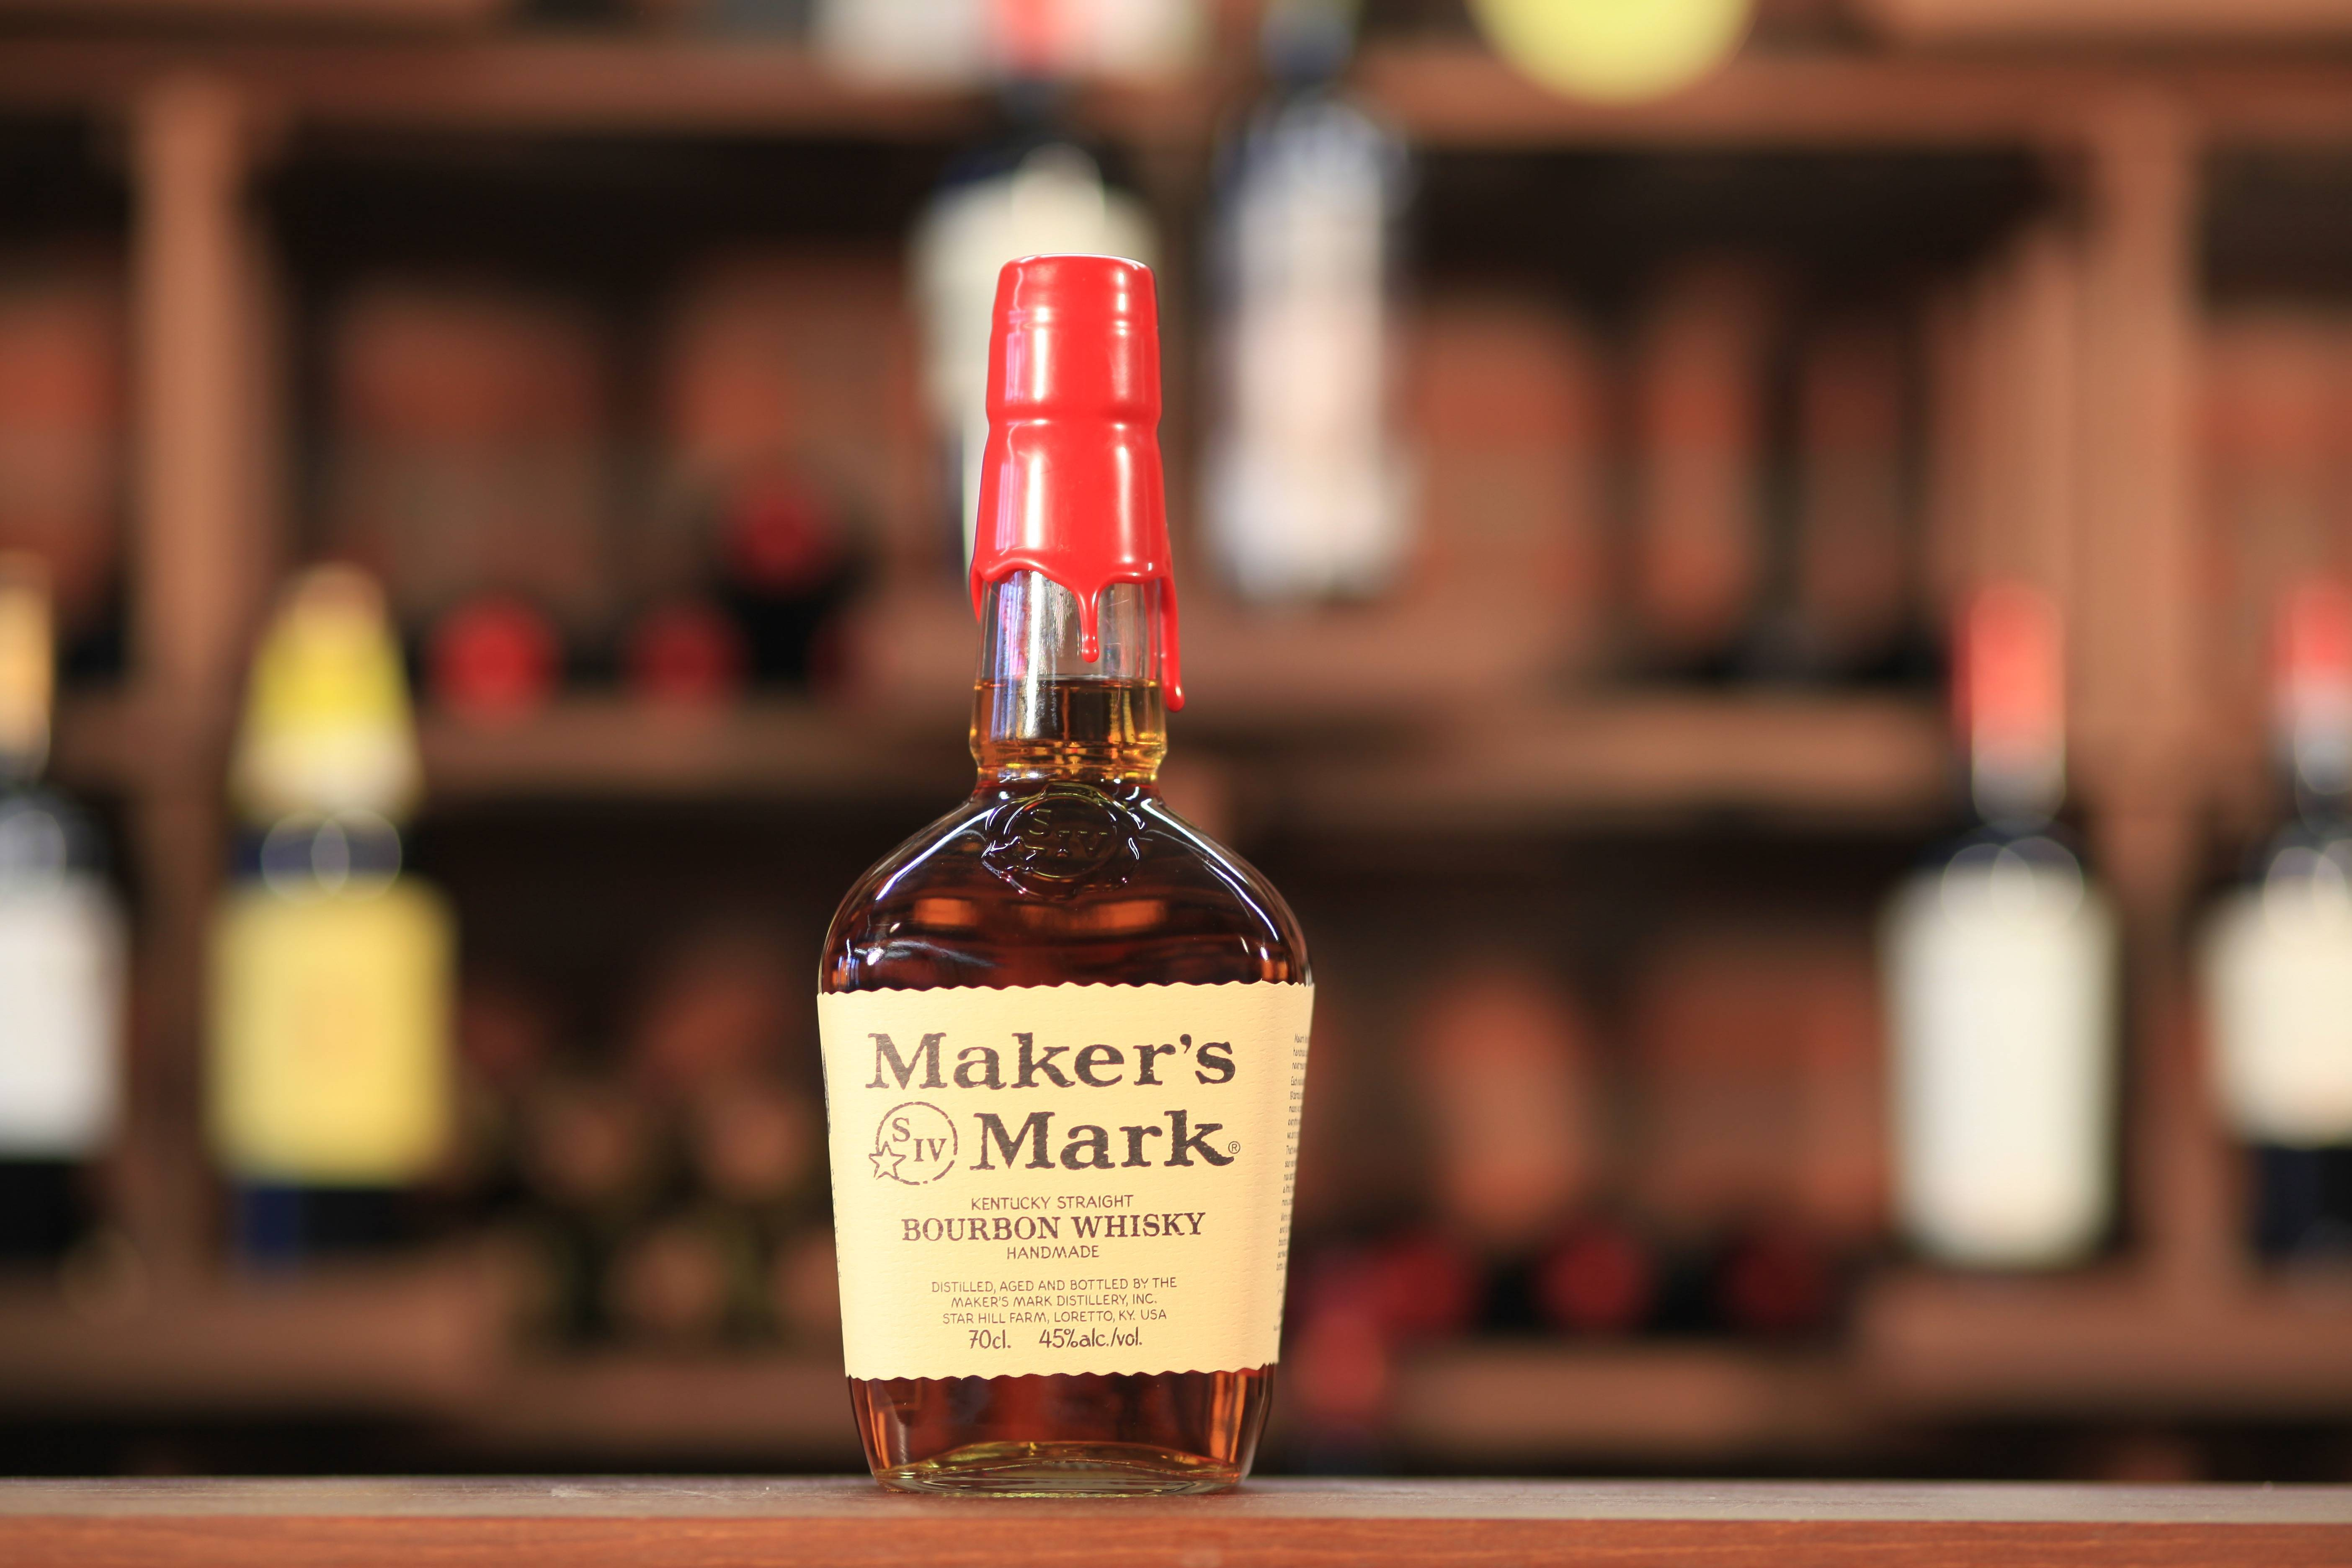 Maker's mark — виски из кукурузы, история и современность